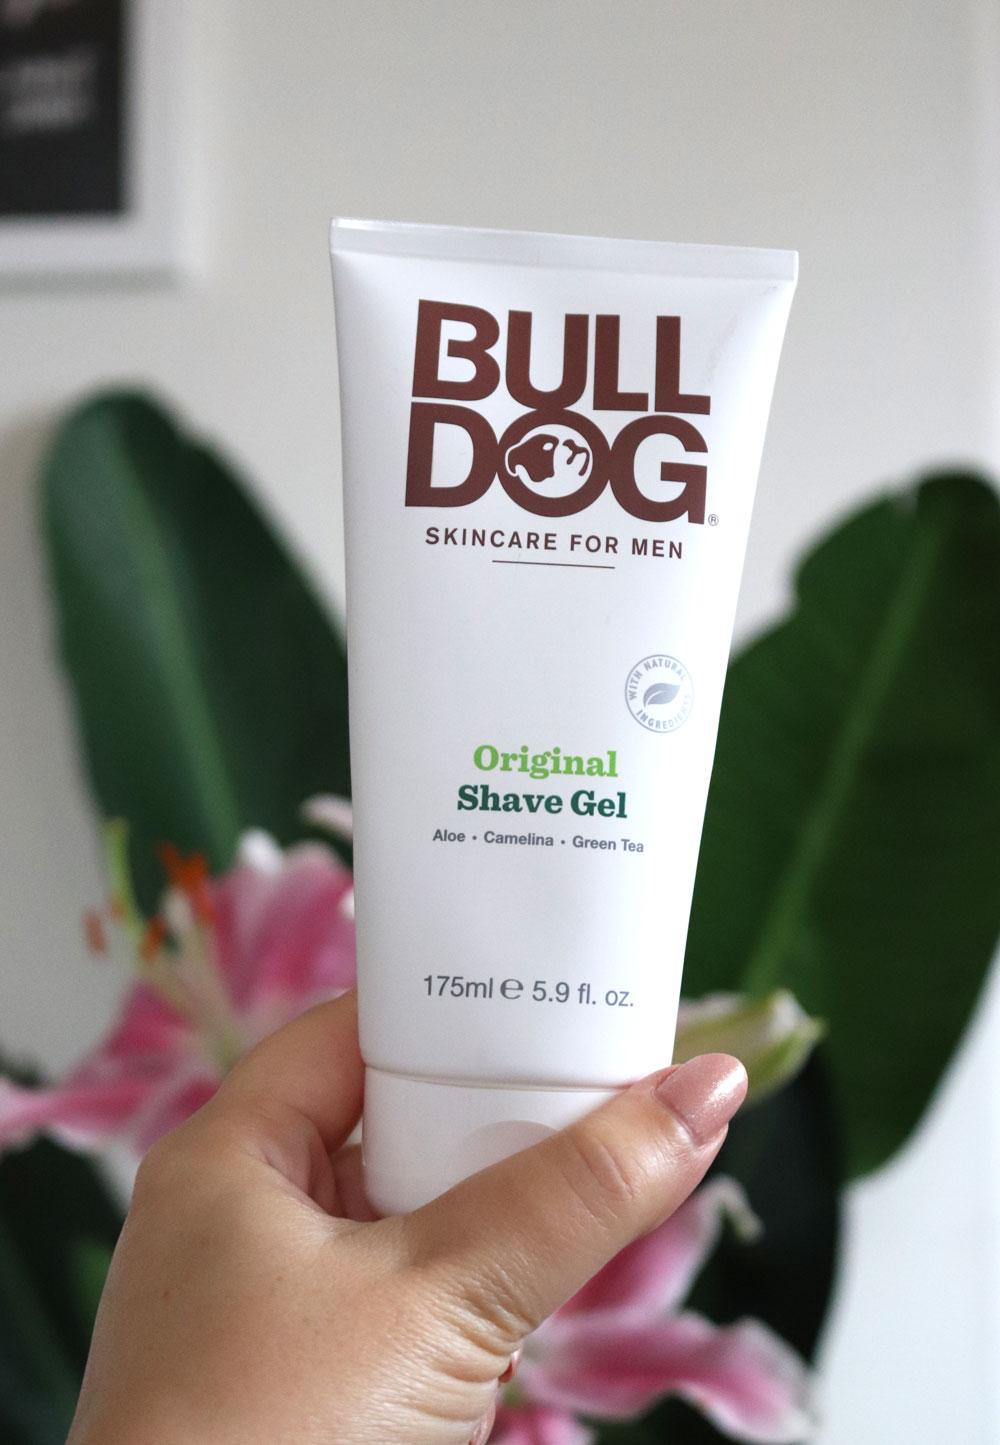 Bulldog shaving gel at iHerb